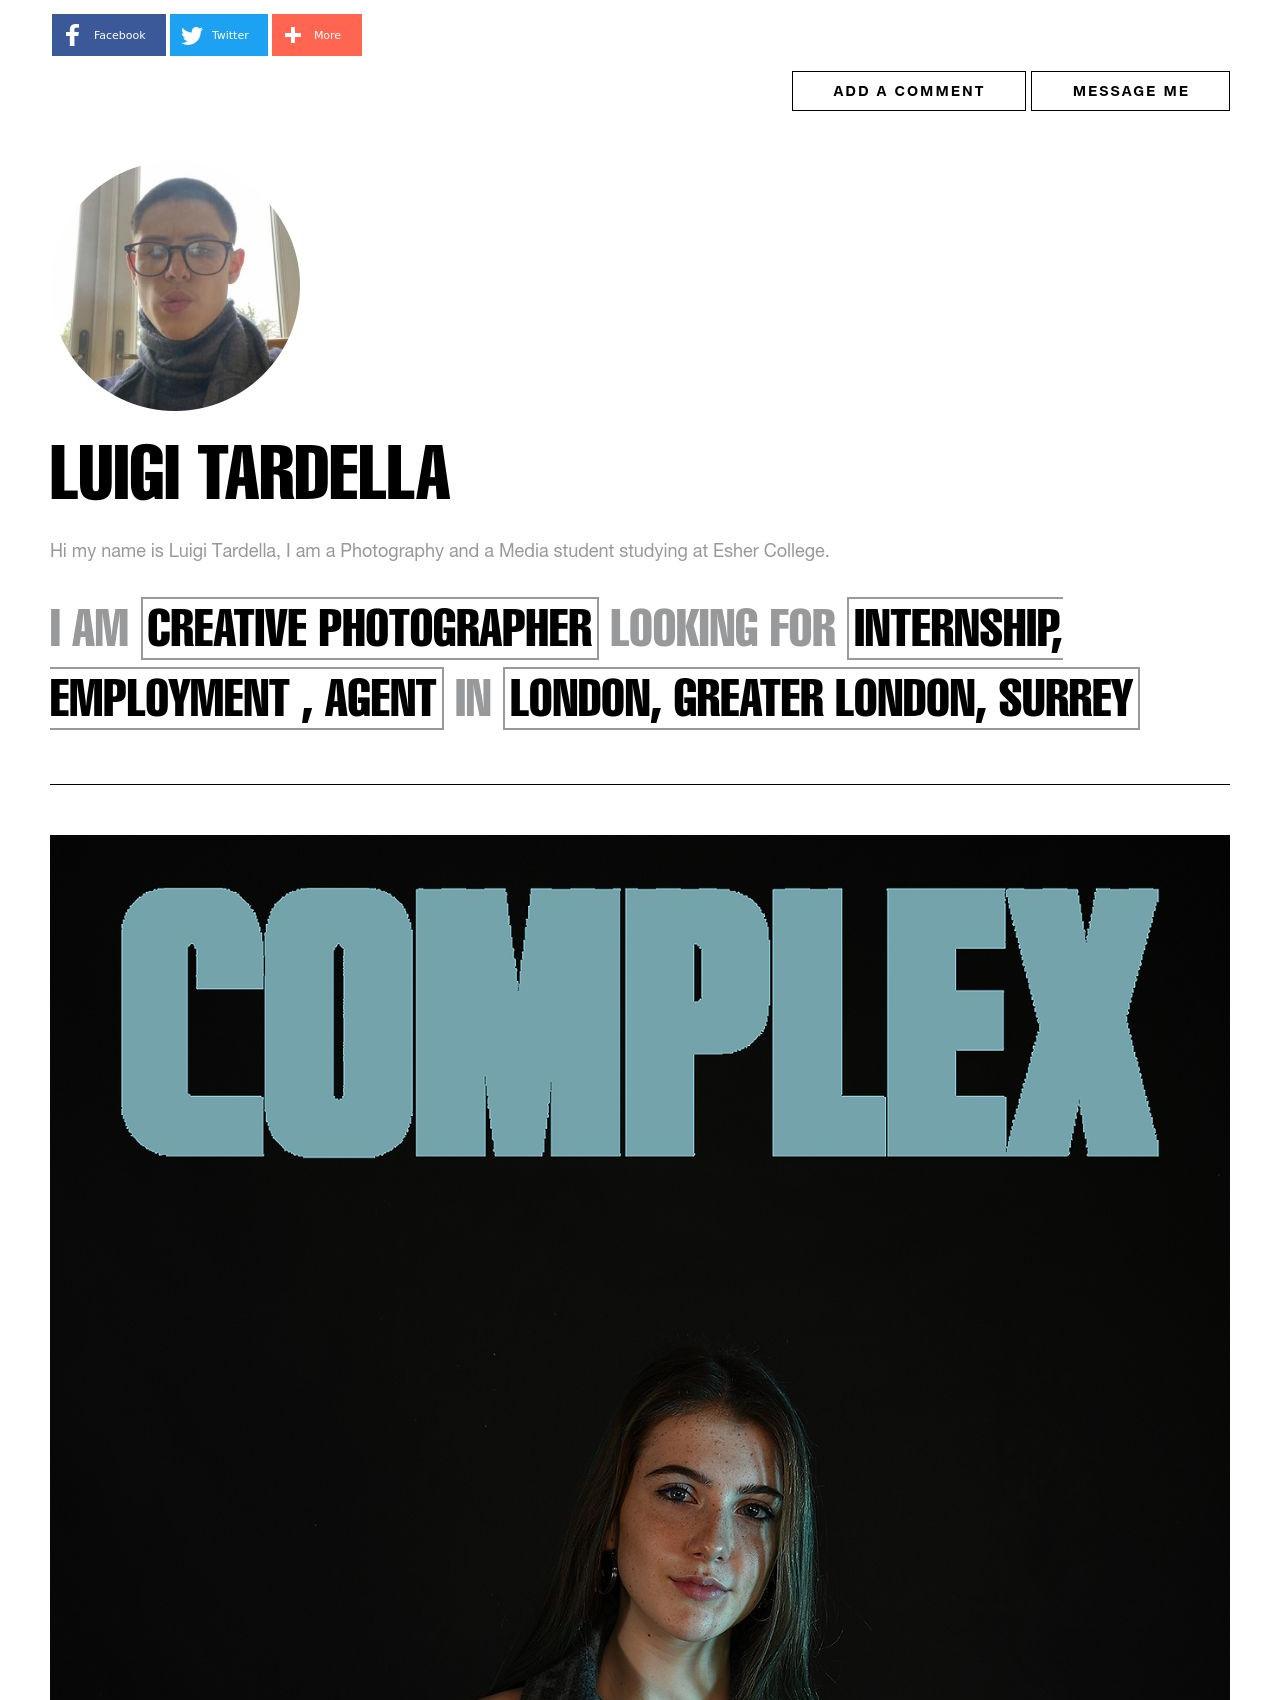 Luigi Tardella